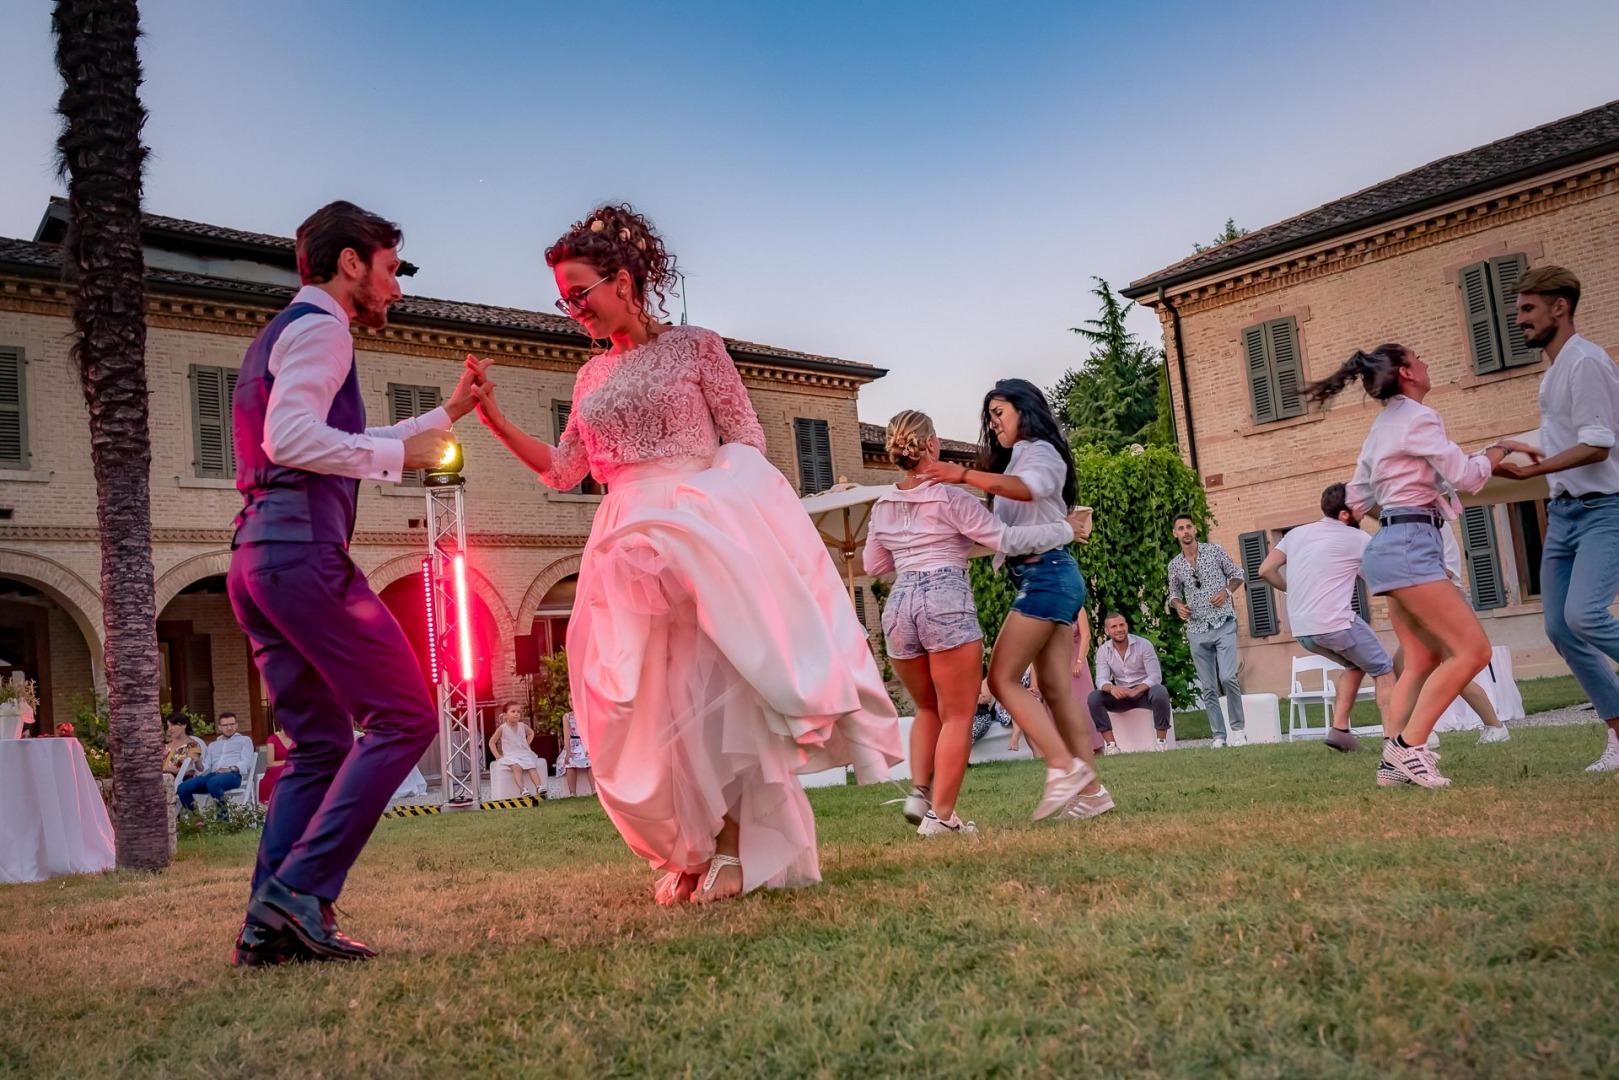 nicola-da-lio-wedding-photographer-venezia-treviso-padova-veneto-italia-150